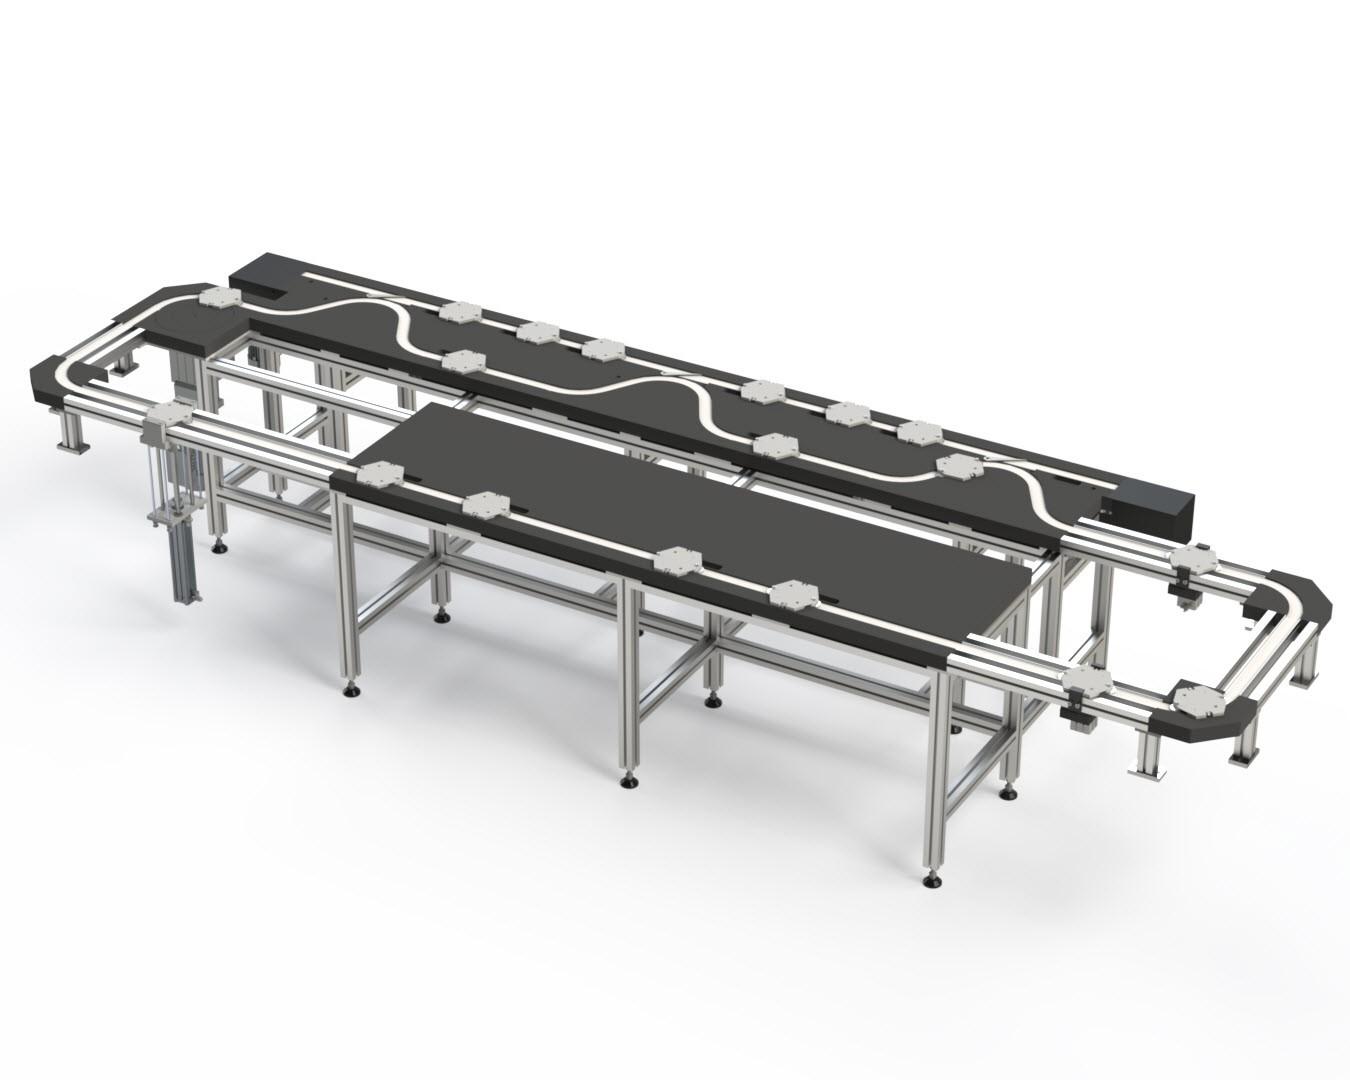 Werkstückträger Kettenumlaufsystem Transportsystem